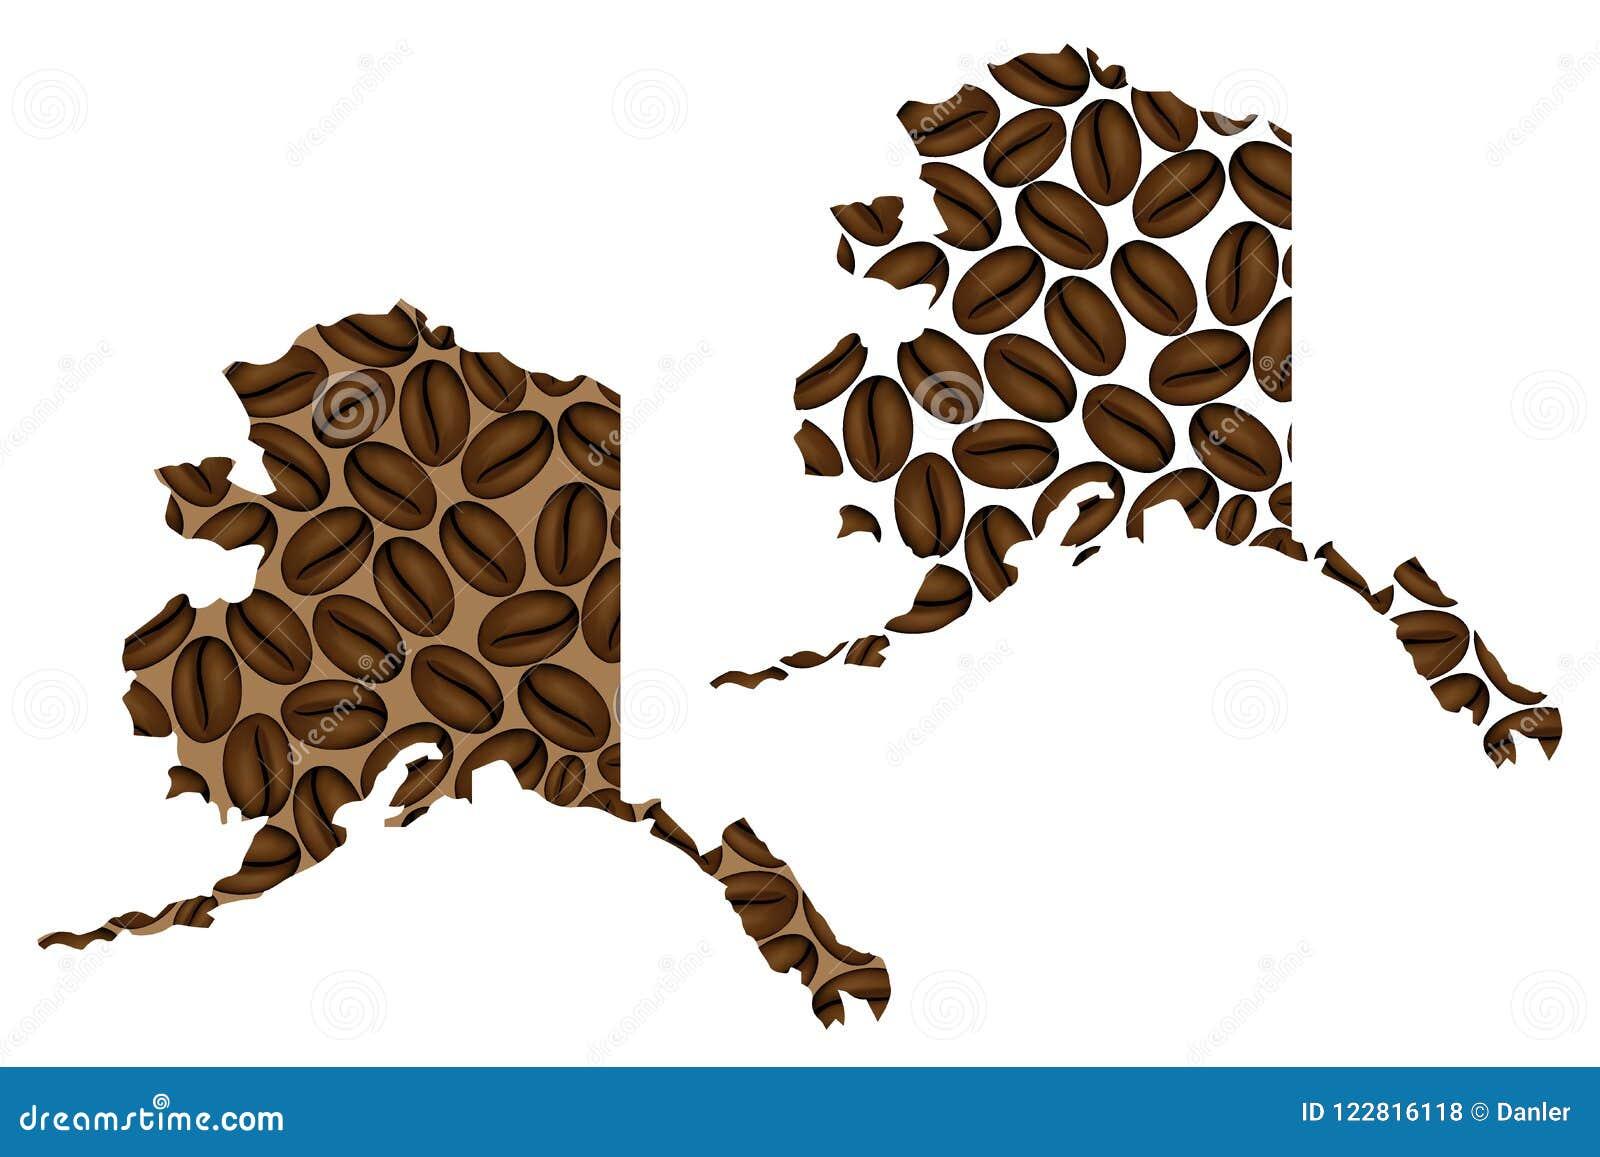 Alaska - mapa do feijão de café